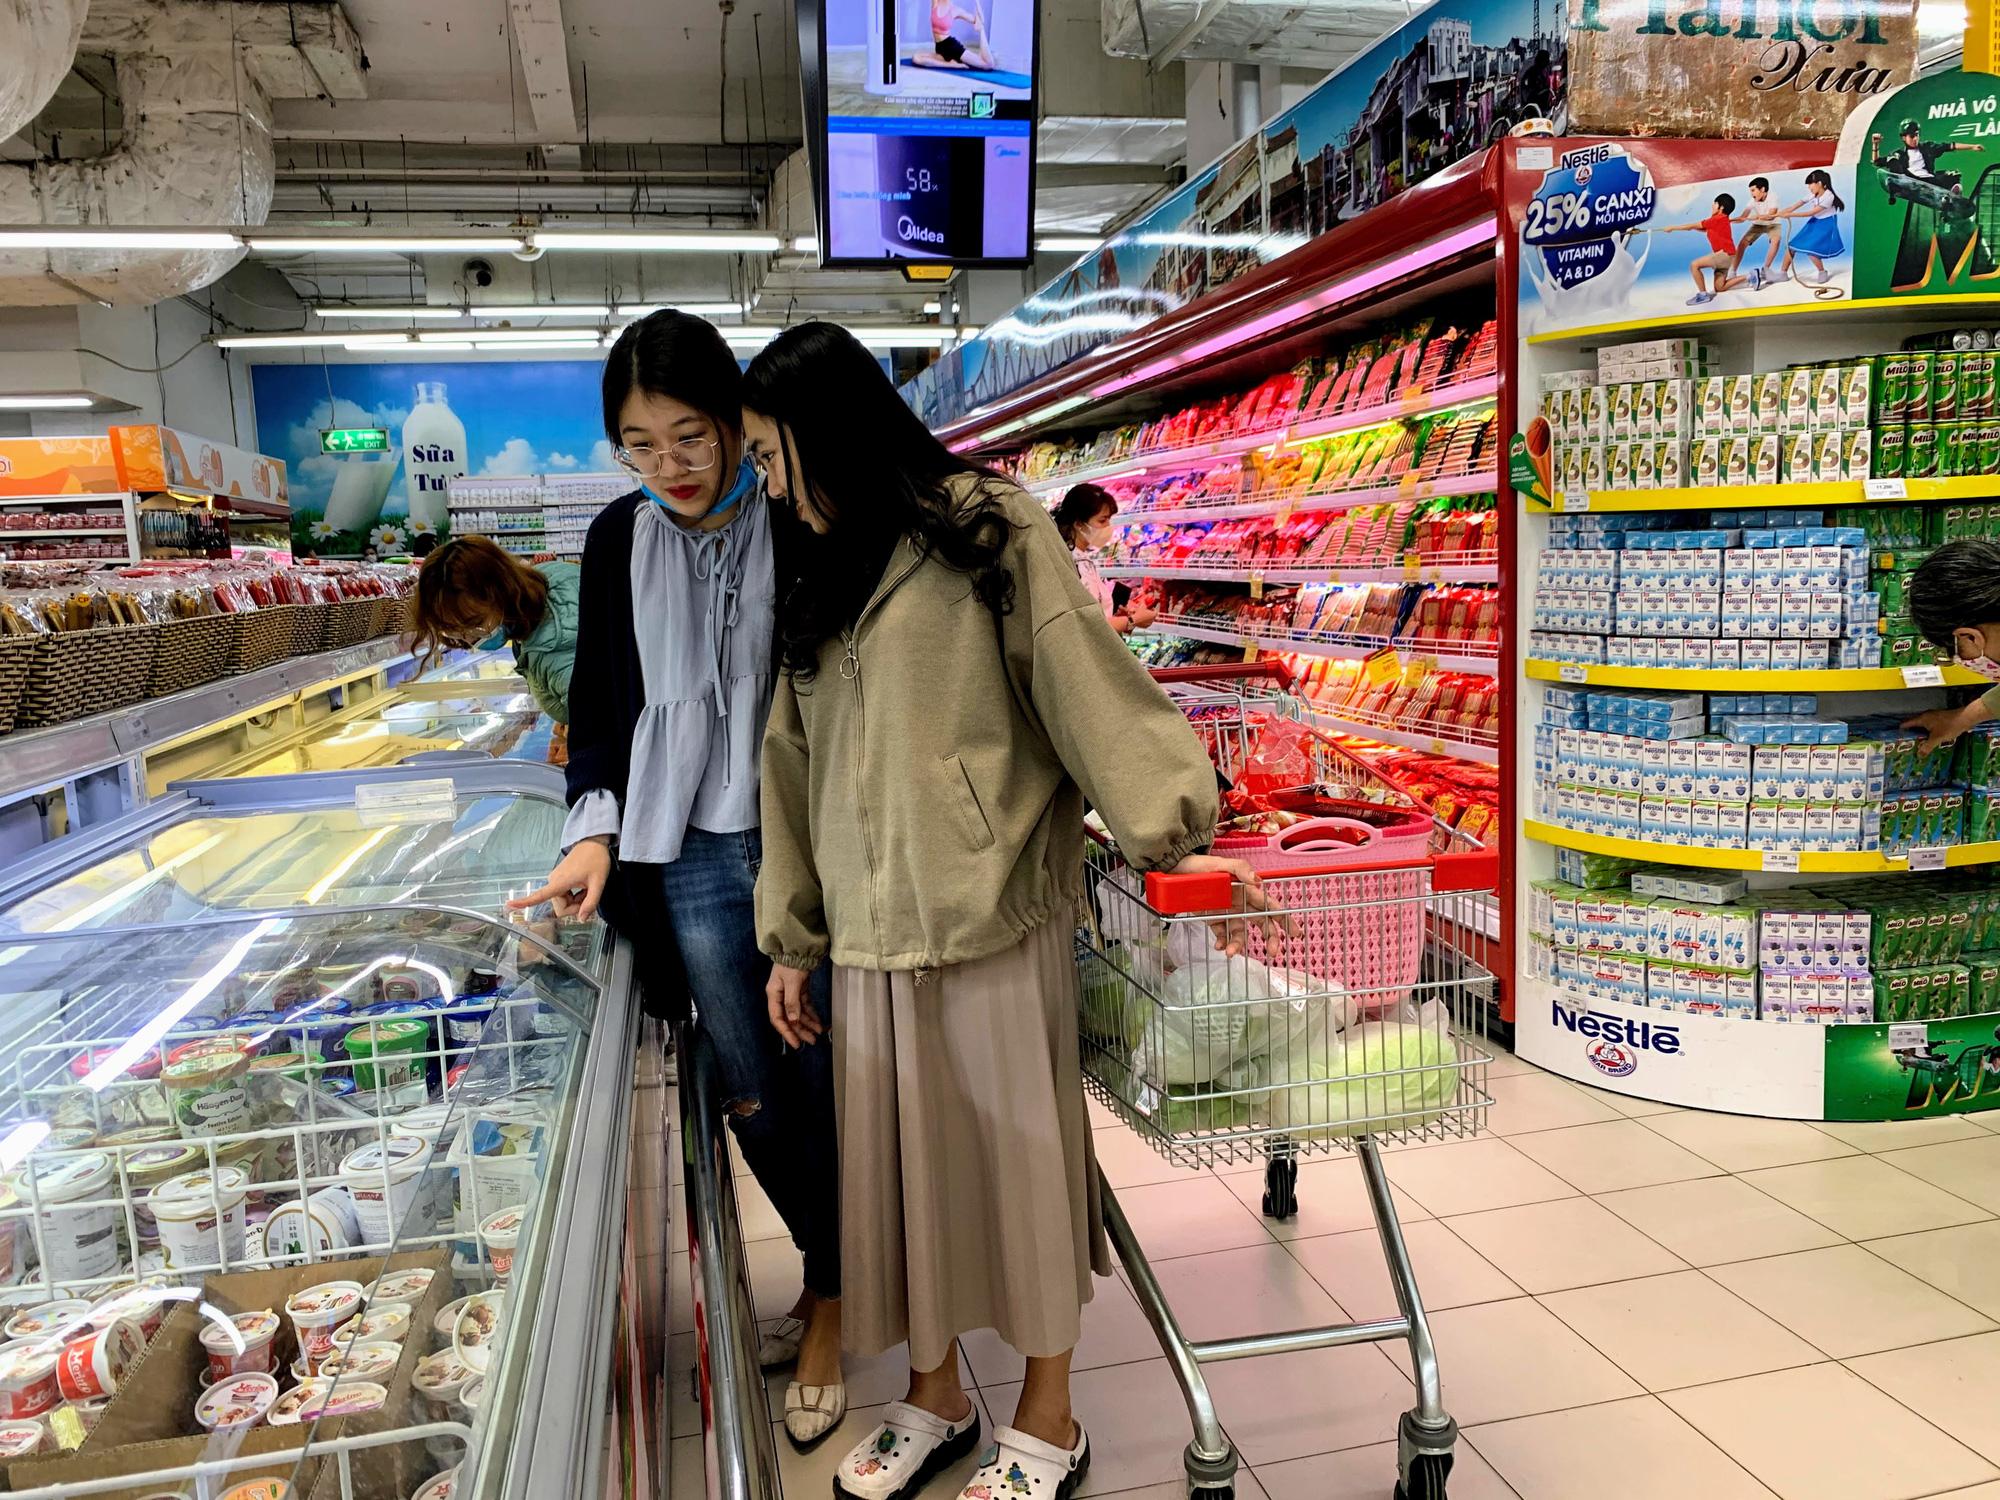 Hàng hoá trở lại đầy ắp trong siêu thị, người dân thảnh thơi mua sắm - Ảnh 14.